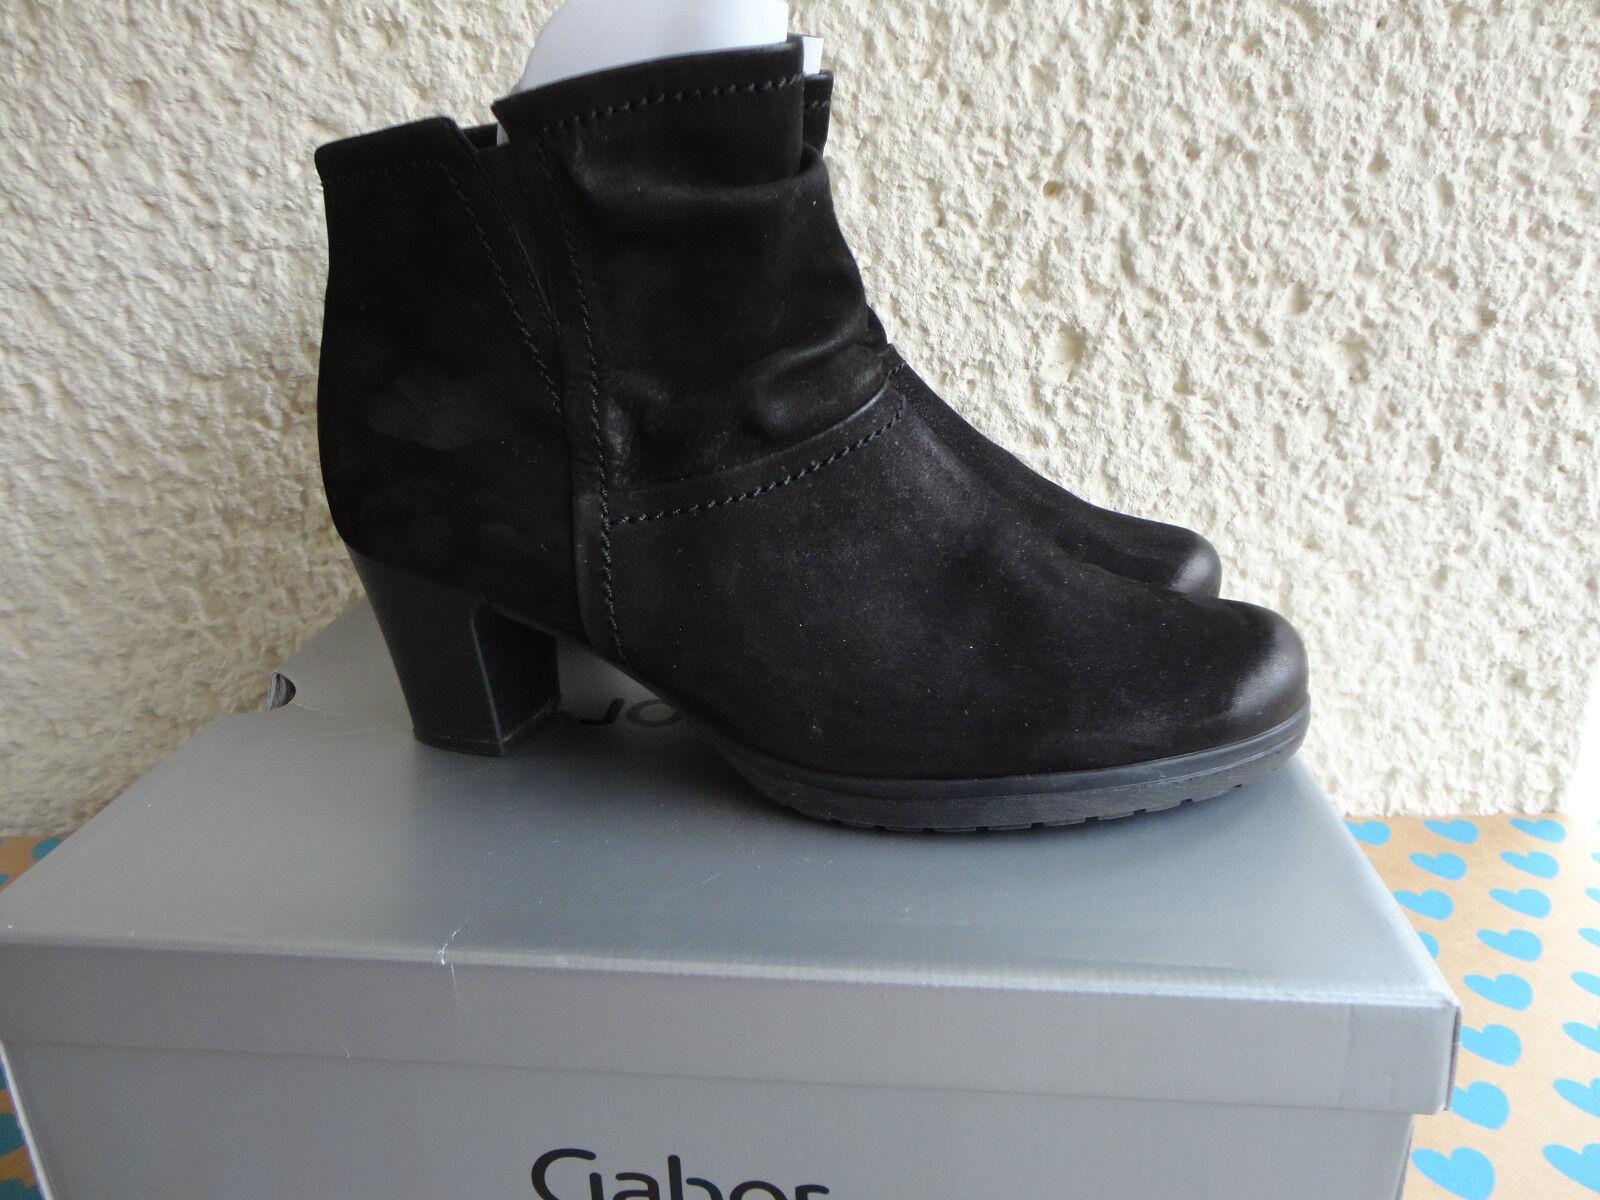 Gabor Stiefeletten Halbstiefel Gr. 6 1 2 oder 40 in Leder Farbe Schwarz Weite G